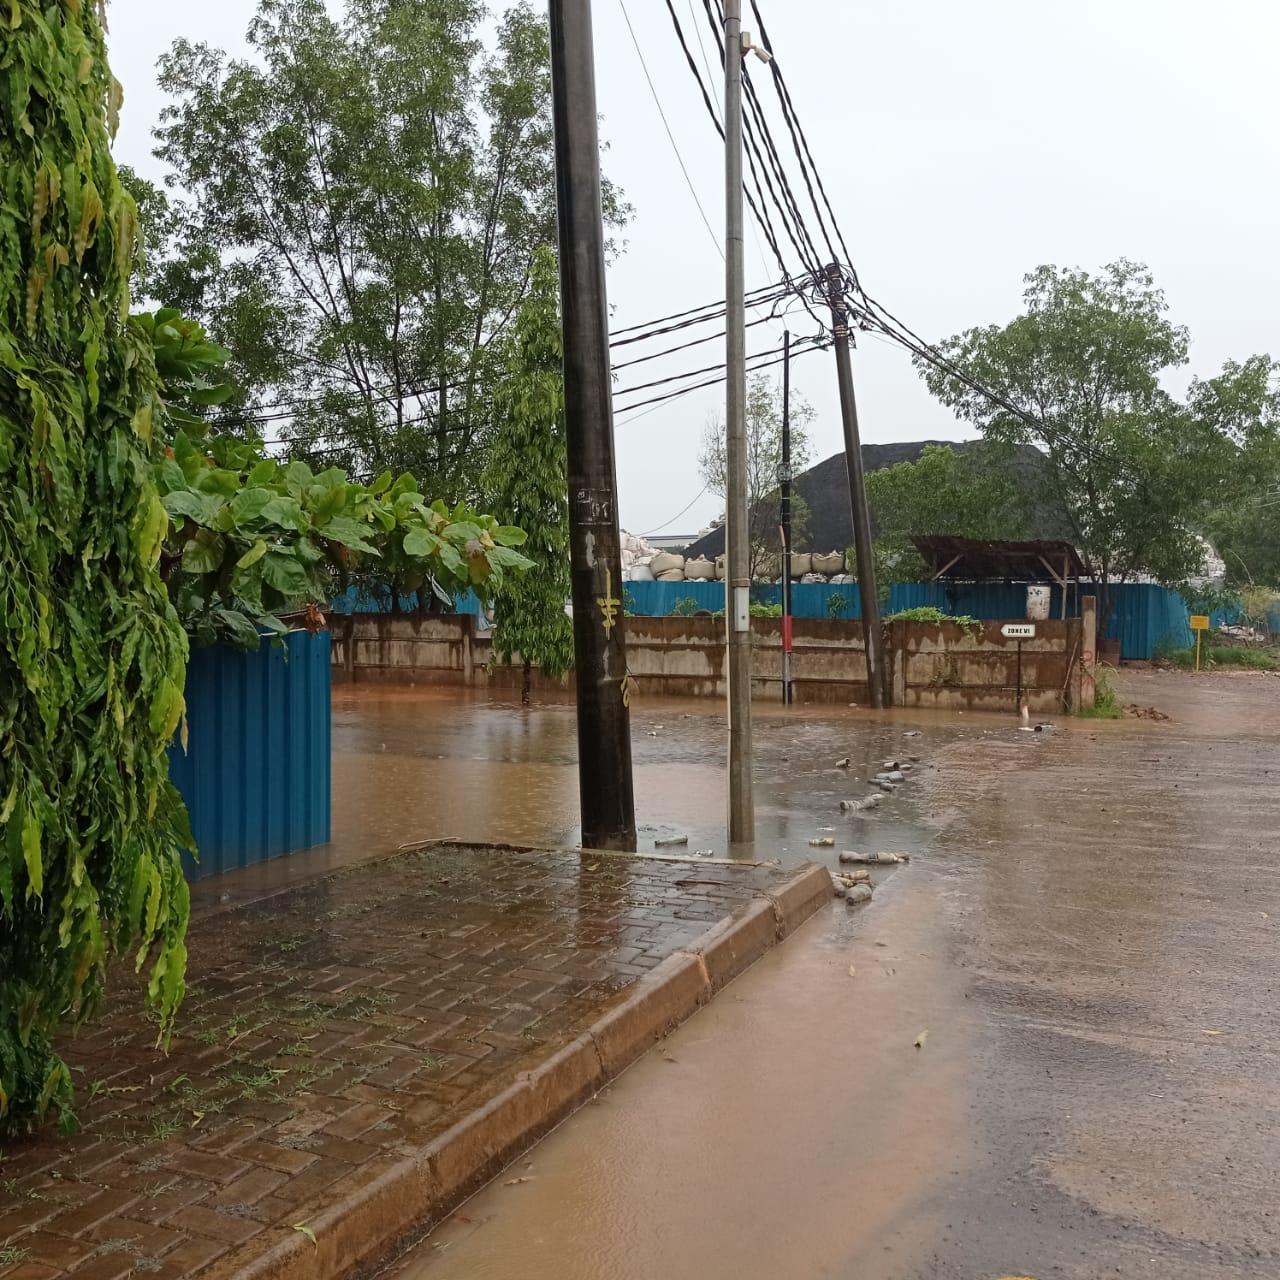 BP Batam Ambil Langkah Cepat, Memperbaiki Masalah Banjir di KPLI-B3 Kabil